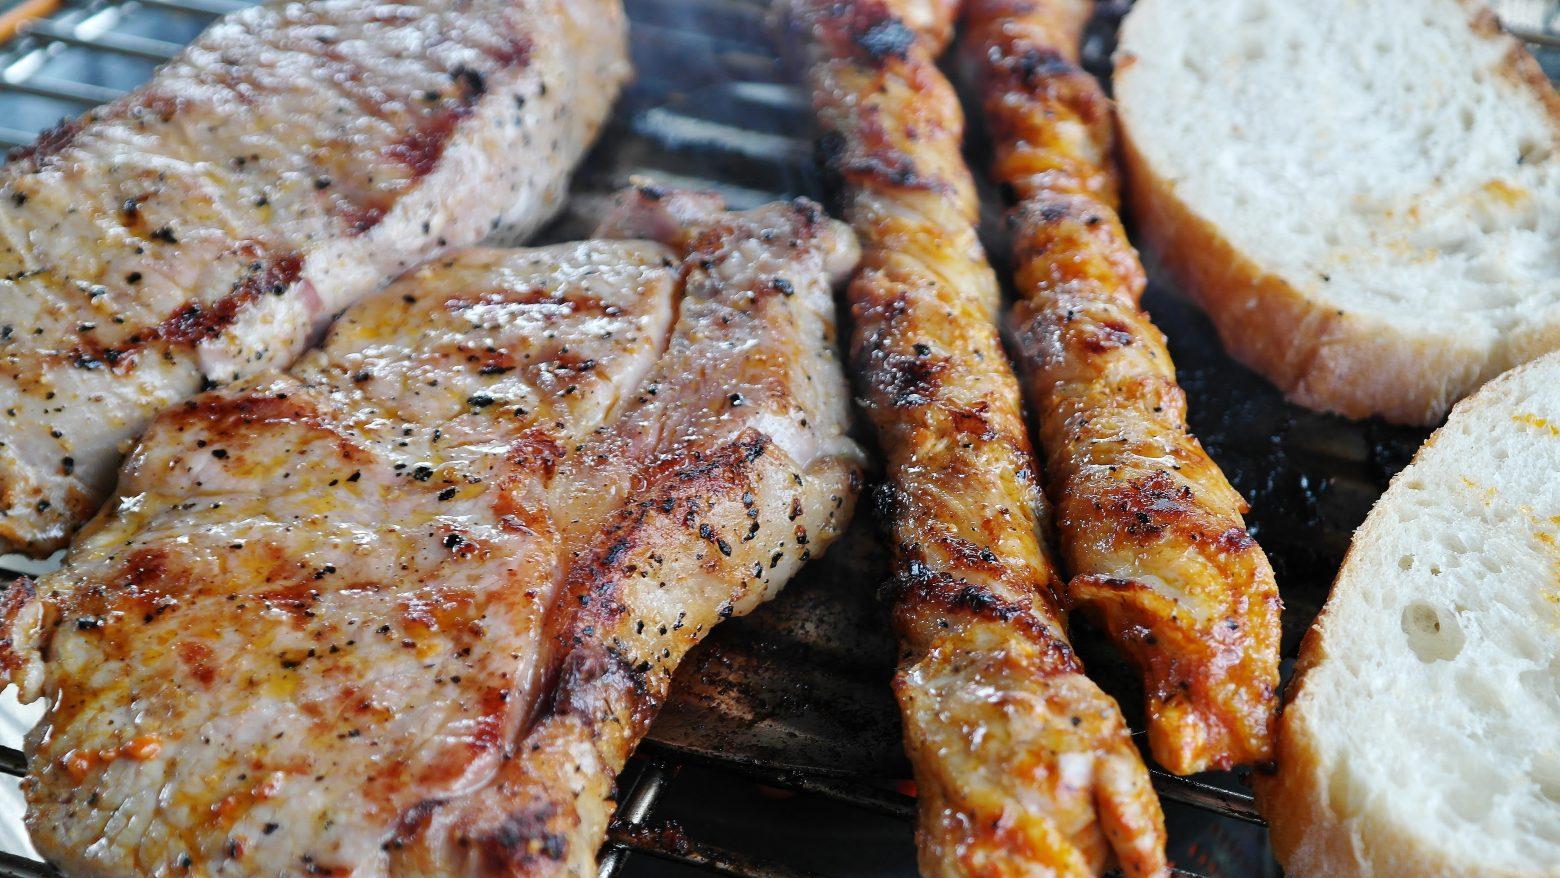 barbecue-2349119